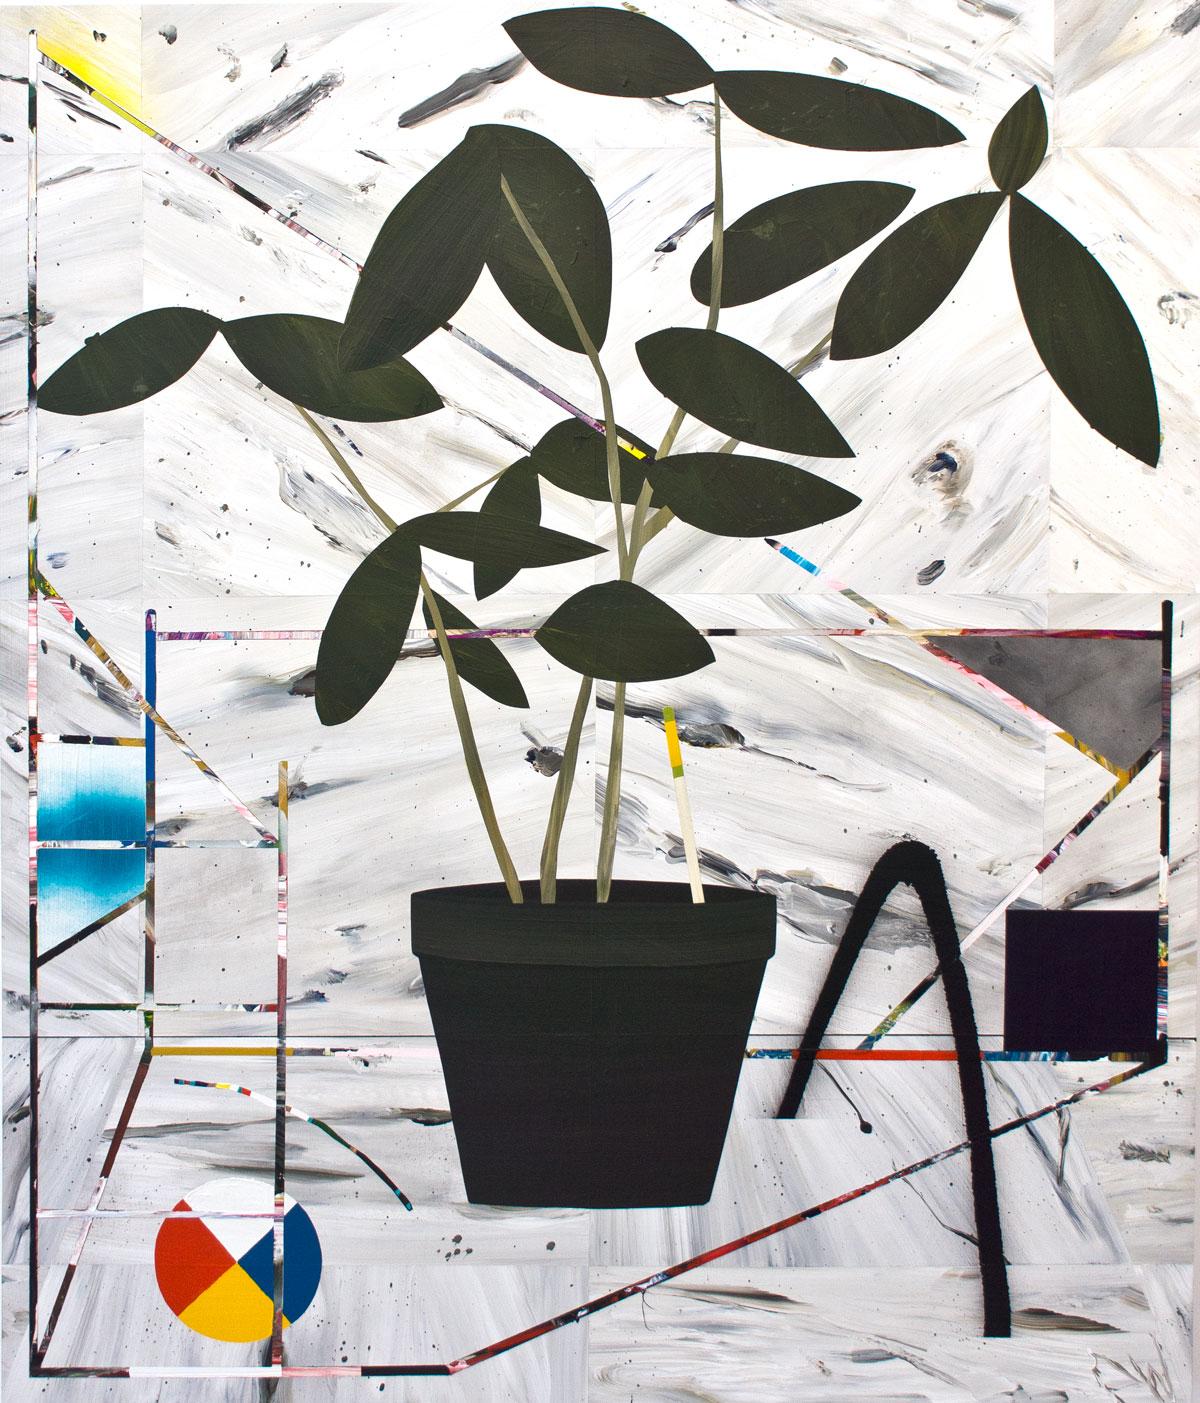 Paul Wackers  Untitled , 2014 Acrylic on board. 48 x 40  in. $8500